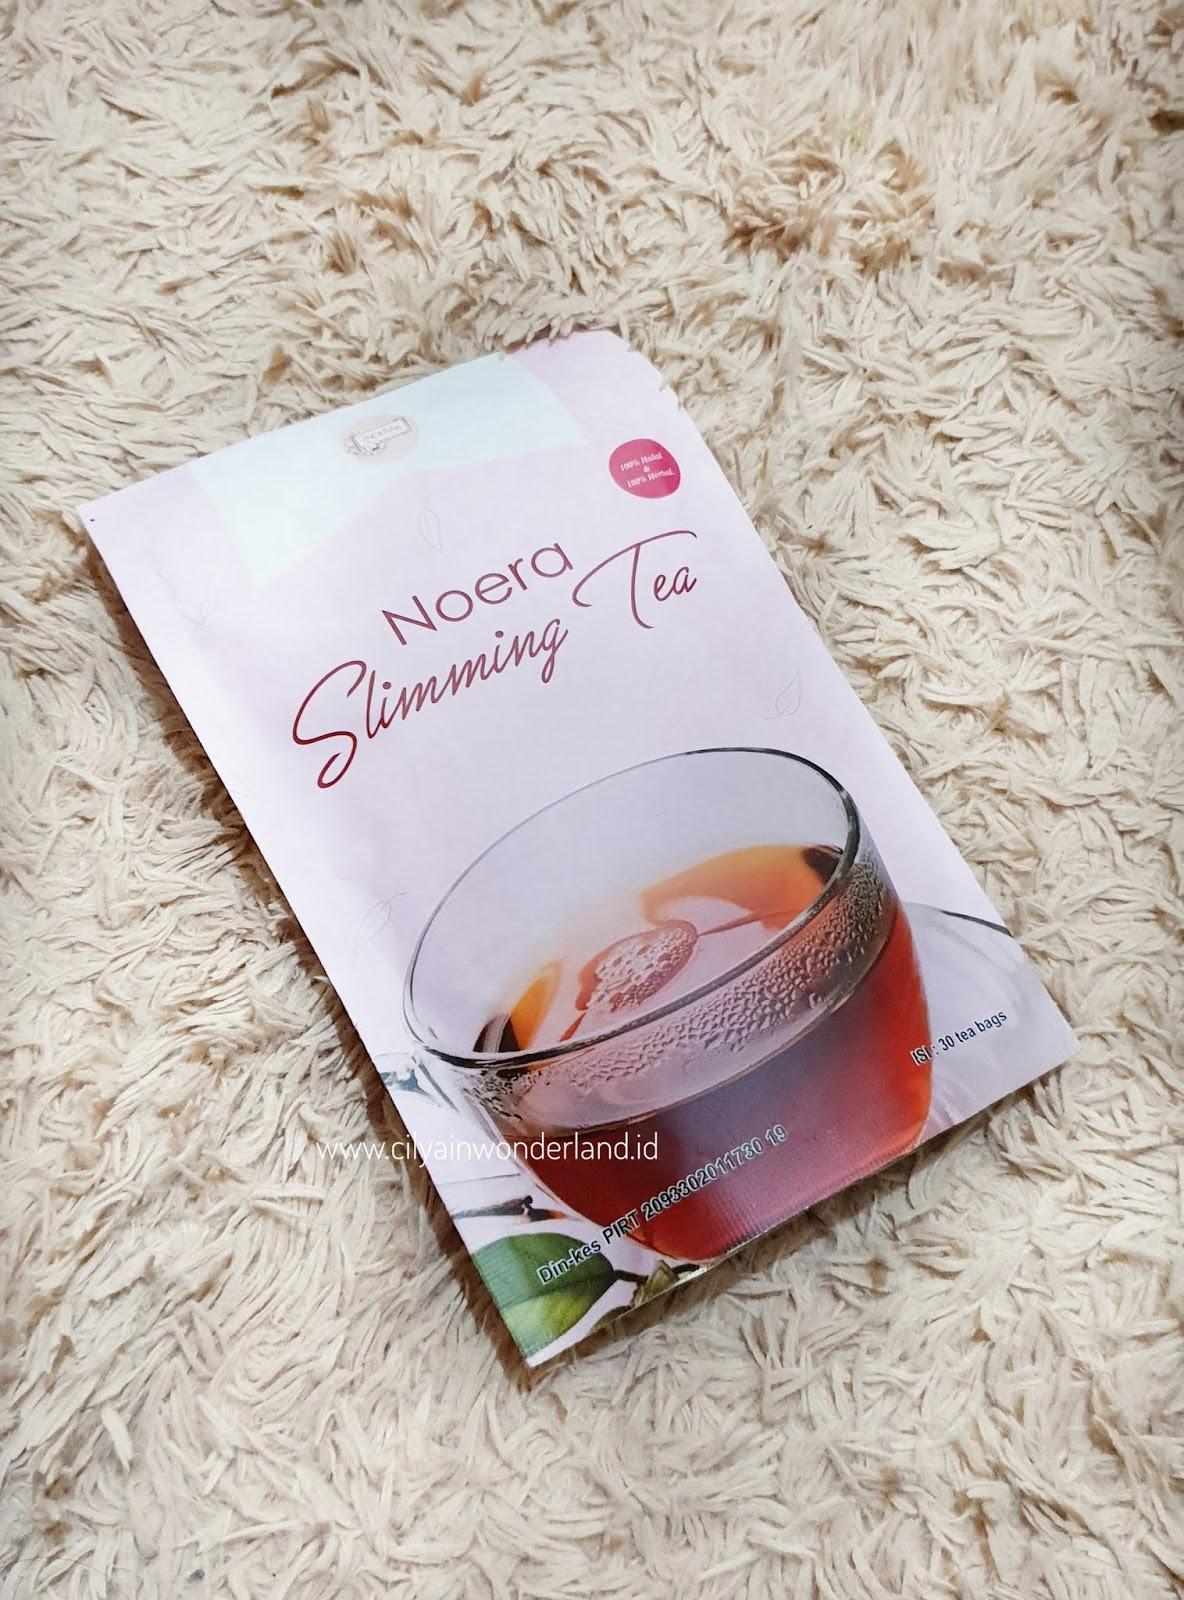 cara minum slimming ceai yang benar